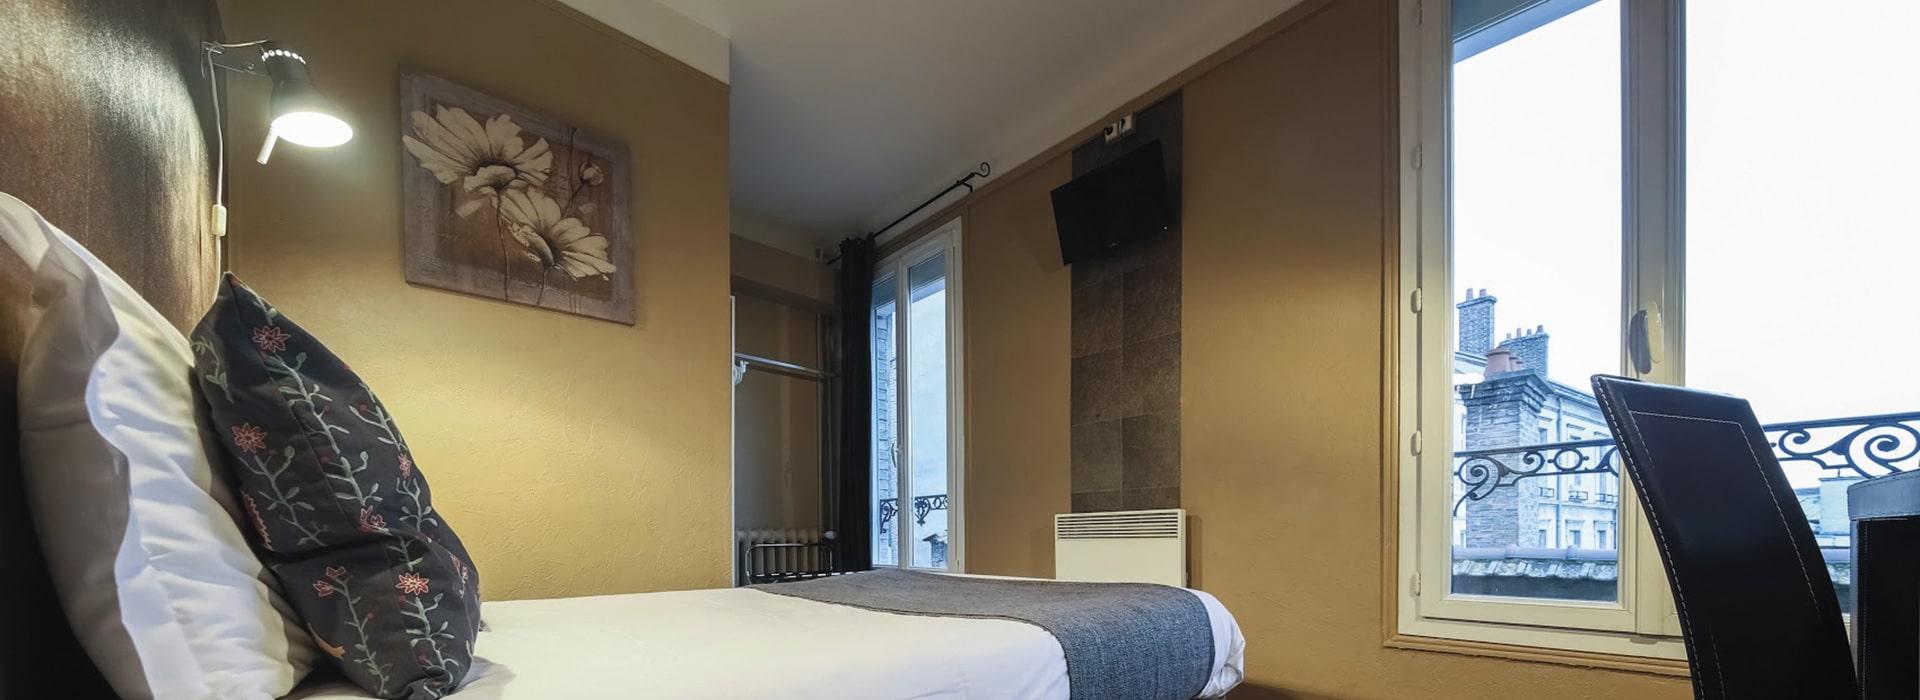 hotel-azur-chambre15